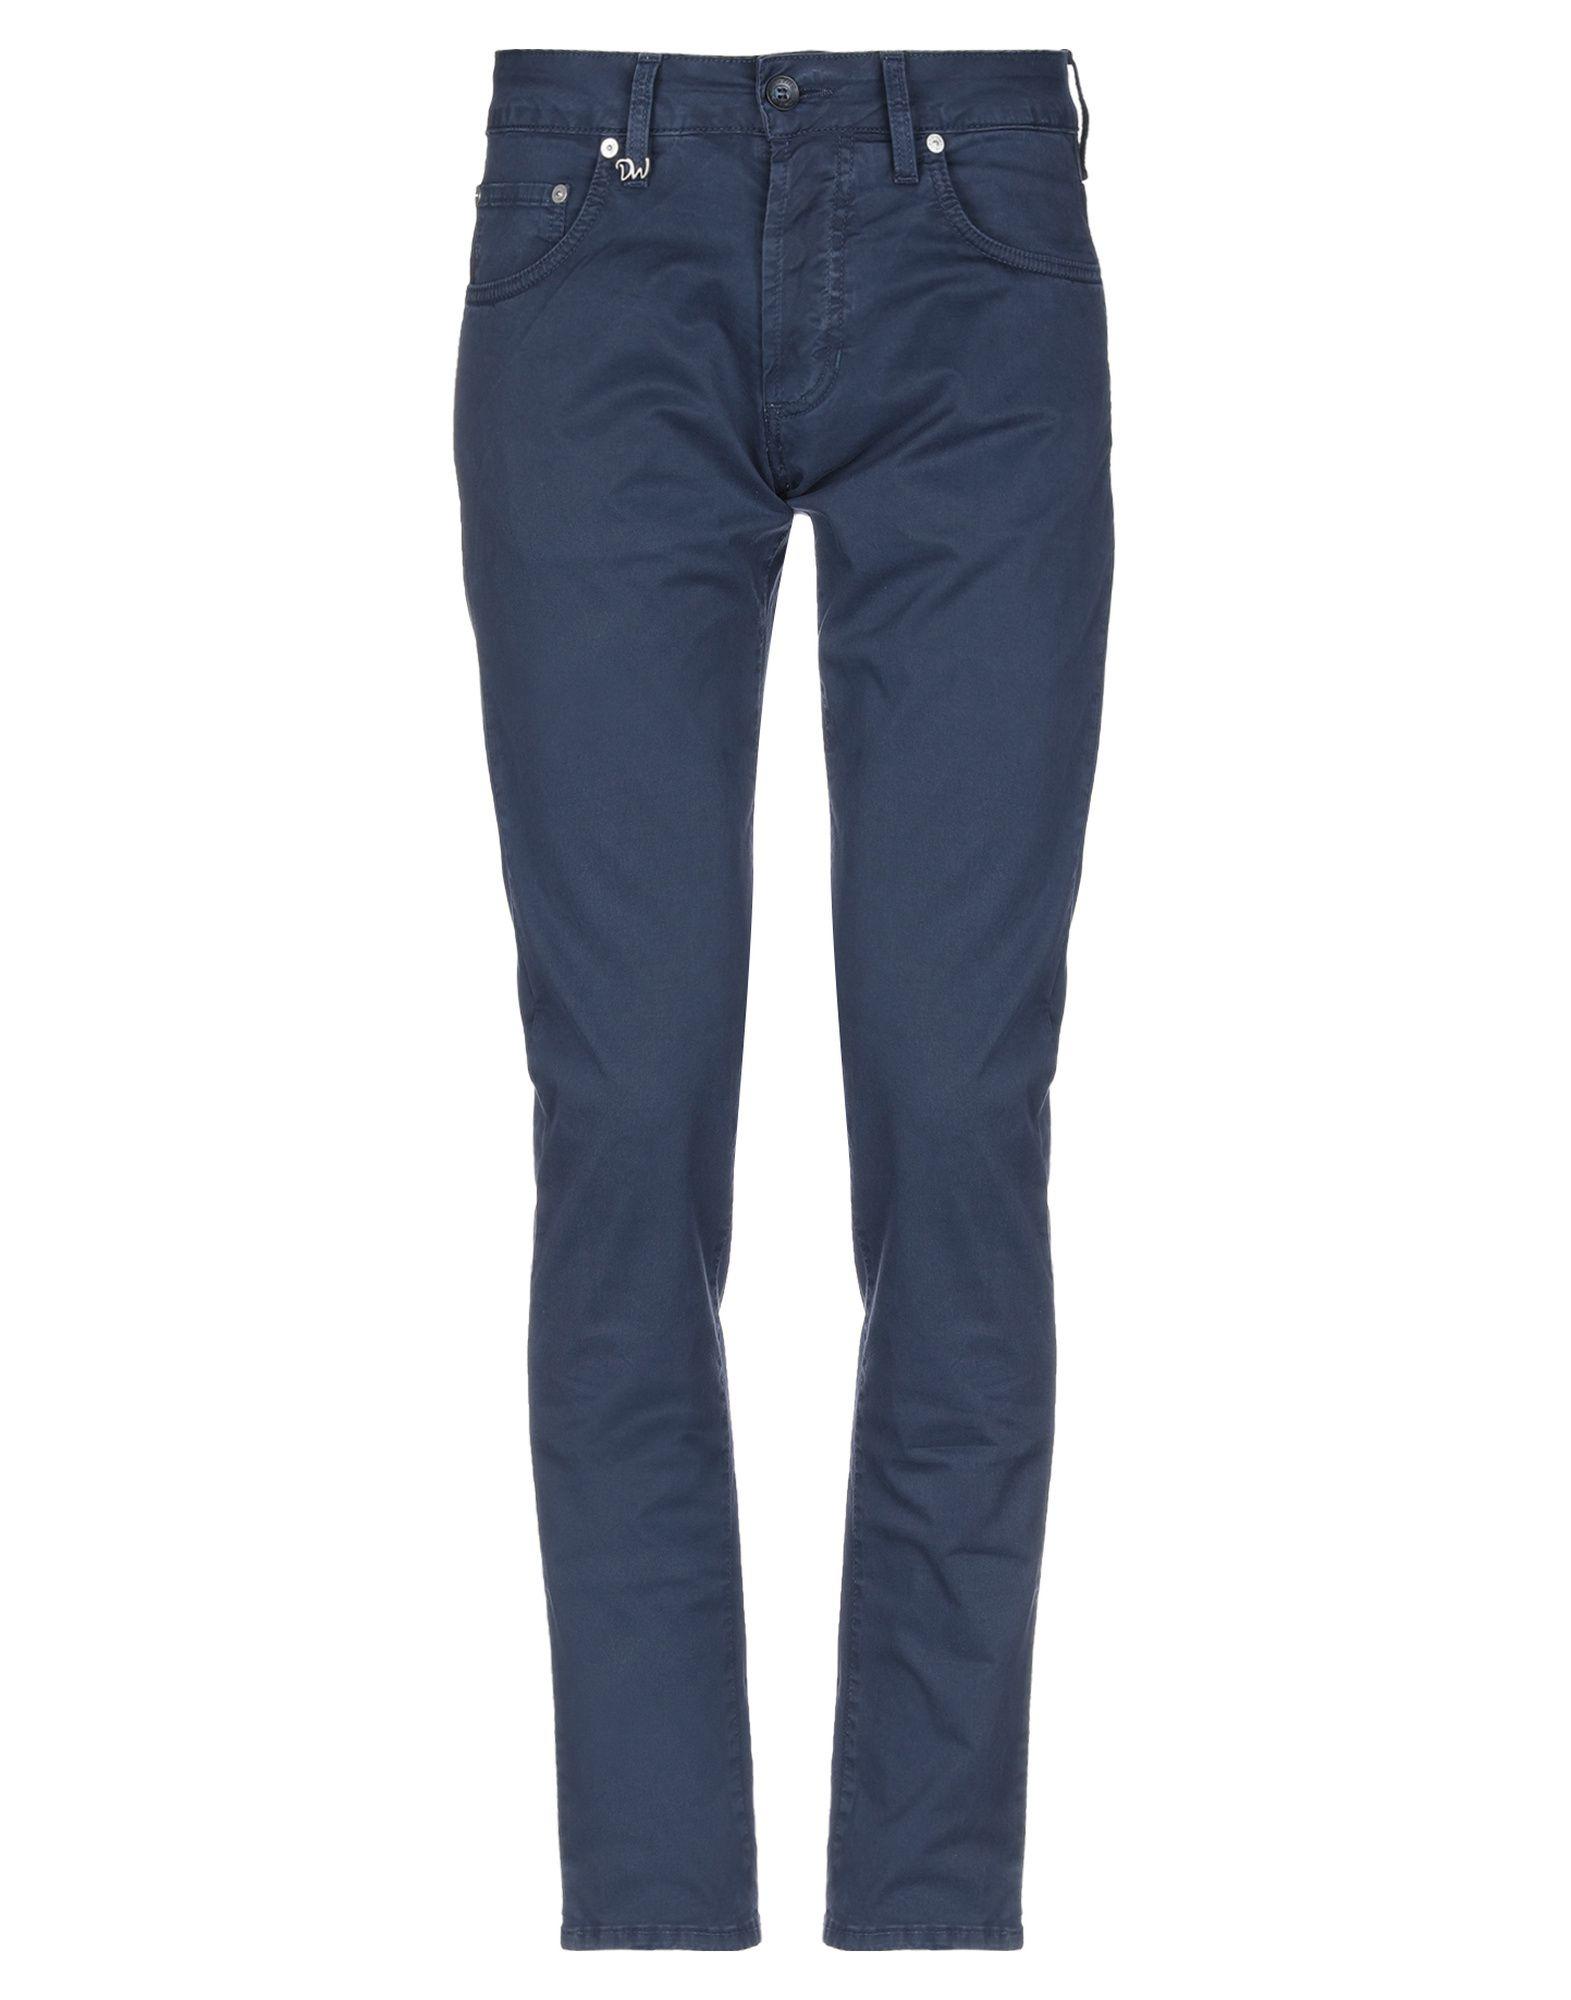 《セール開催中》DW FIVE メンズ パンツ ダークブルー 31 コットン 93% / ポリウレタン 7%